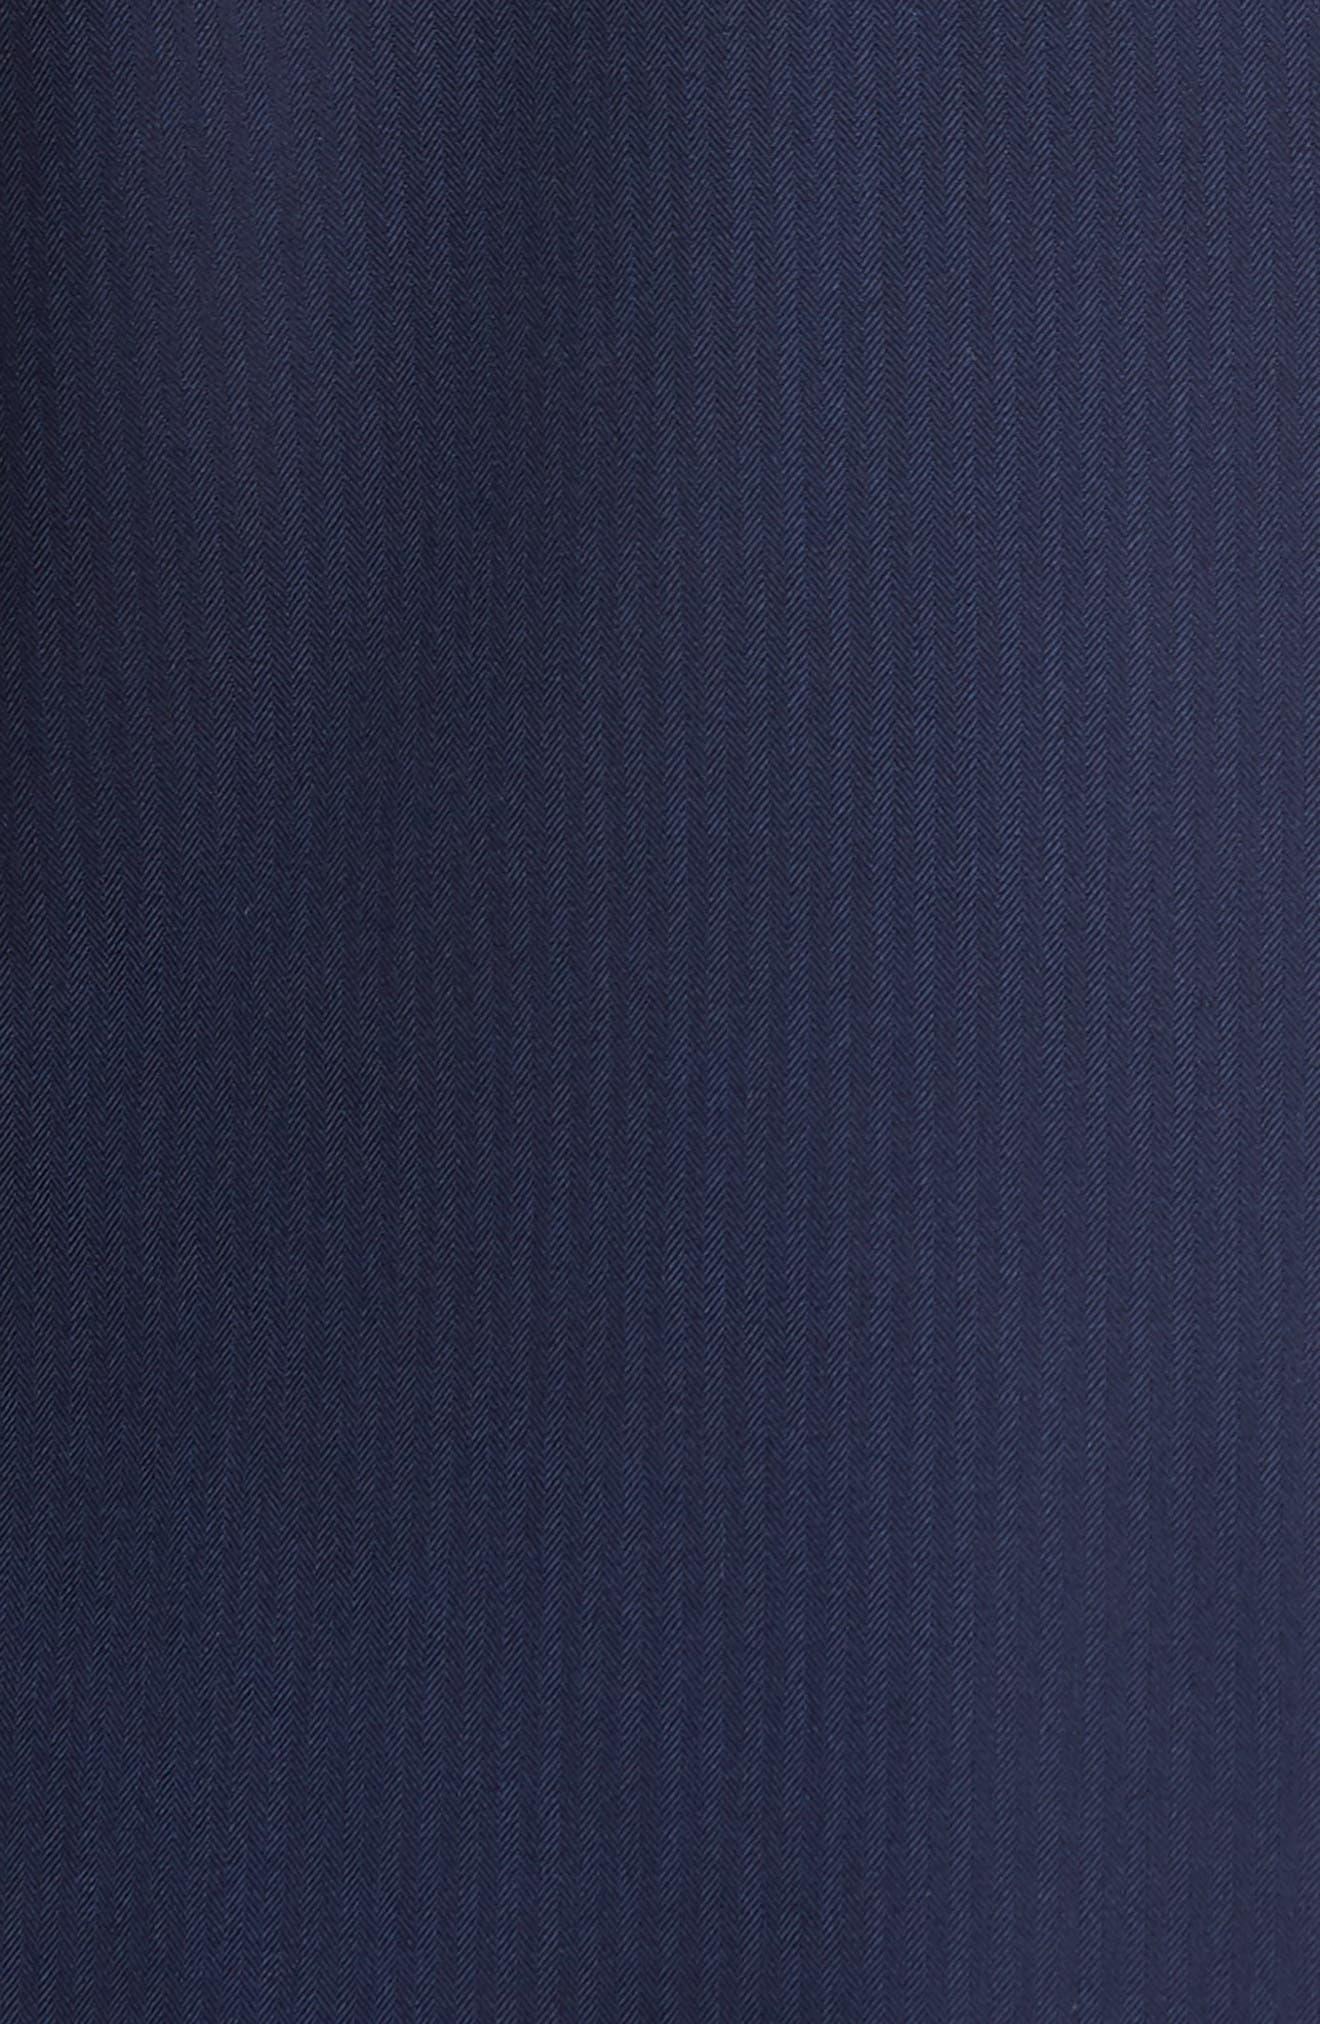 Jay Trim Fit Stripe Wool Suit,                             Alternate thumbnail 9, color,                             410